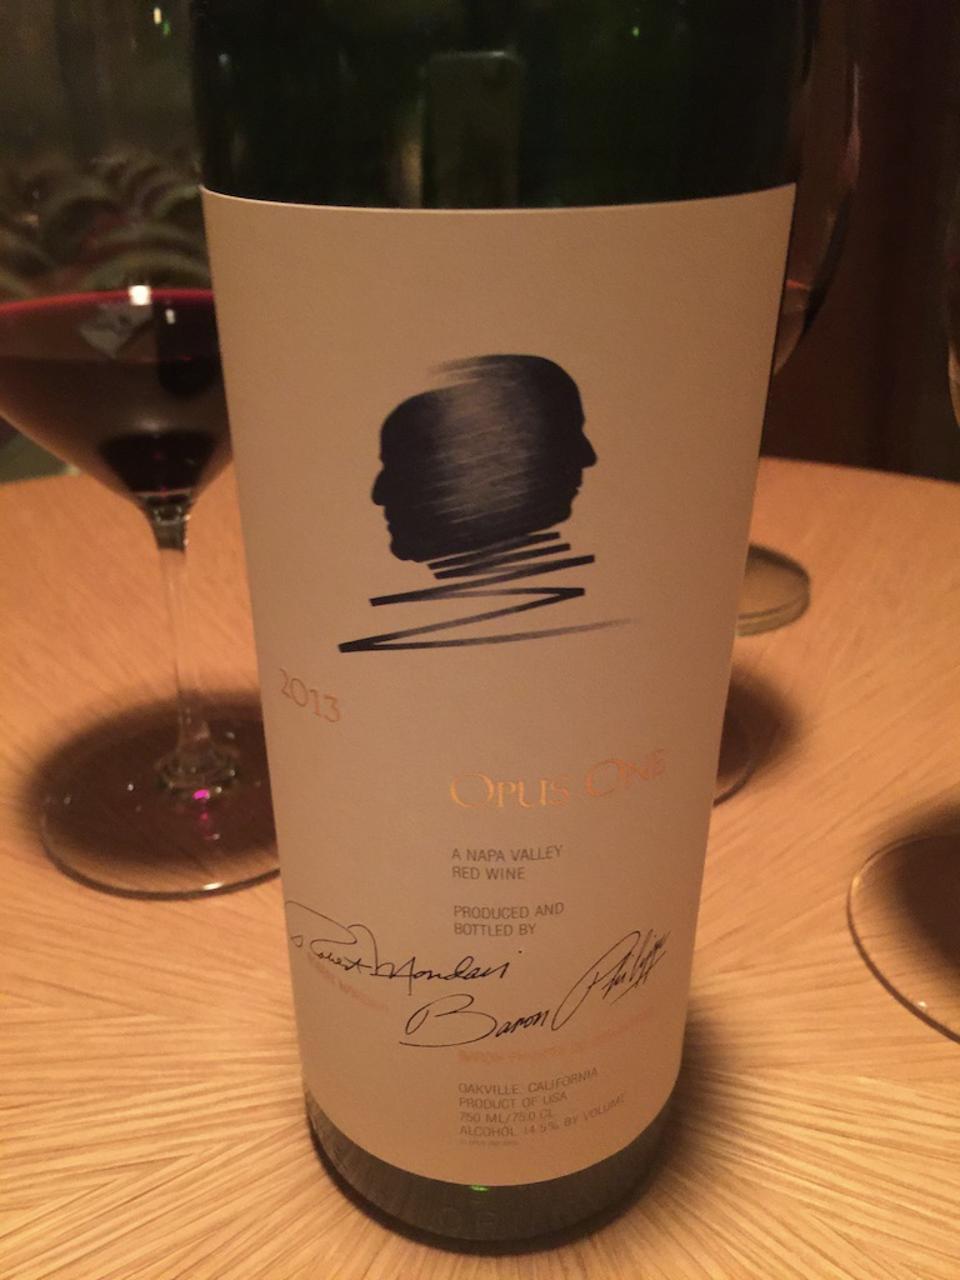 Bottle of Opus One